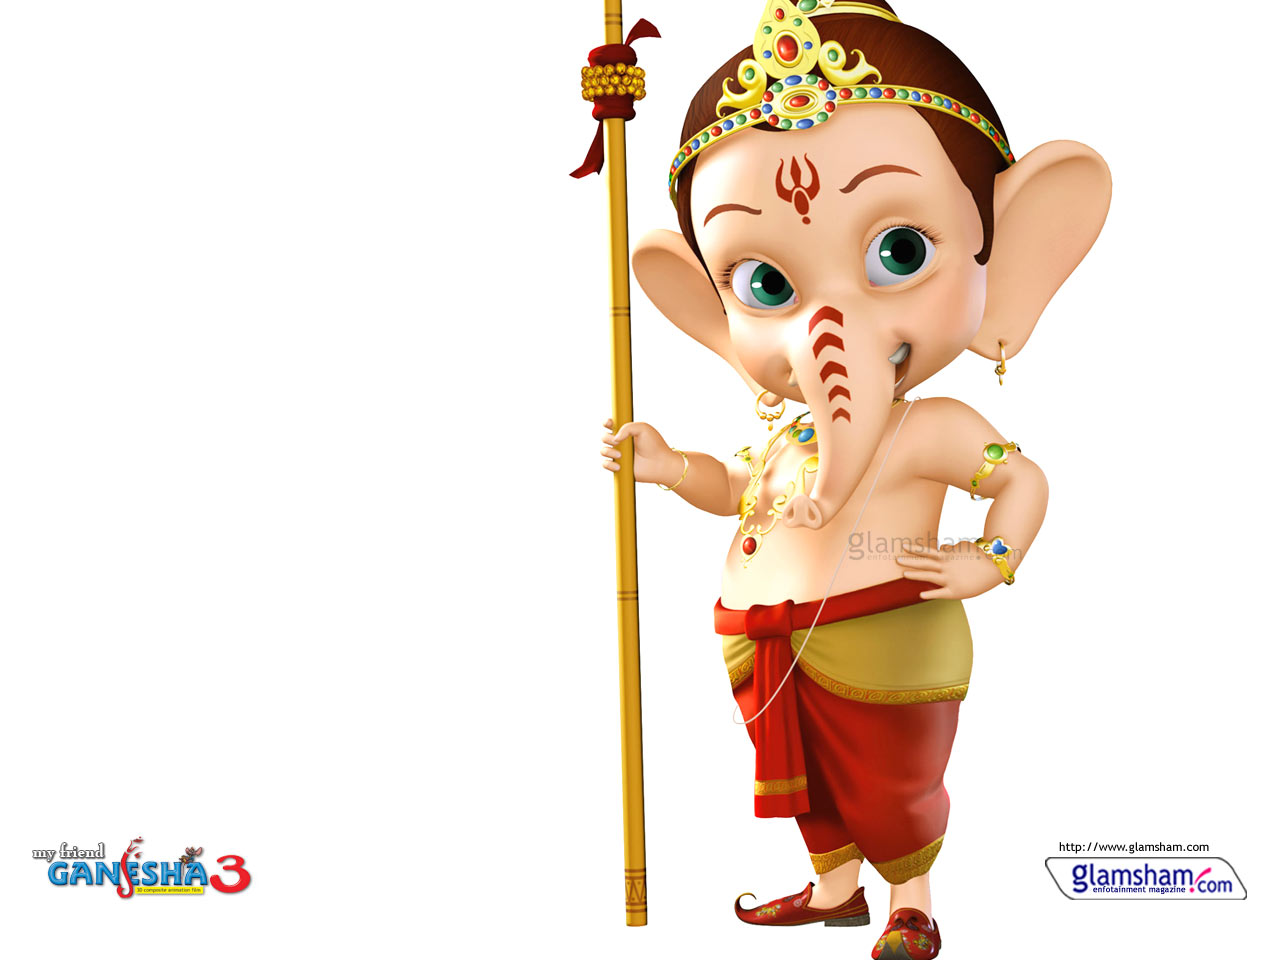 Lord Vinayagar Hd Wallpapers Ganesh Wallpaper Blog High Quality Ganesh Wallpaper